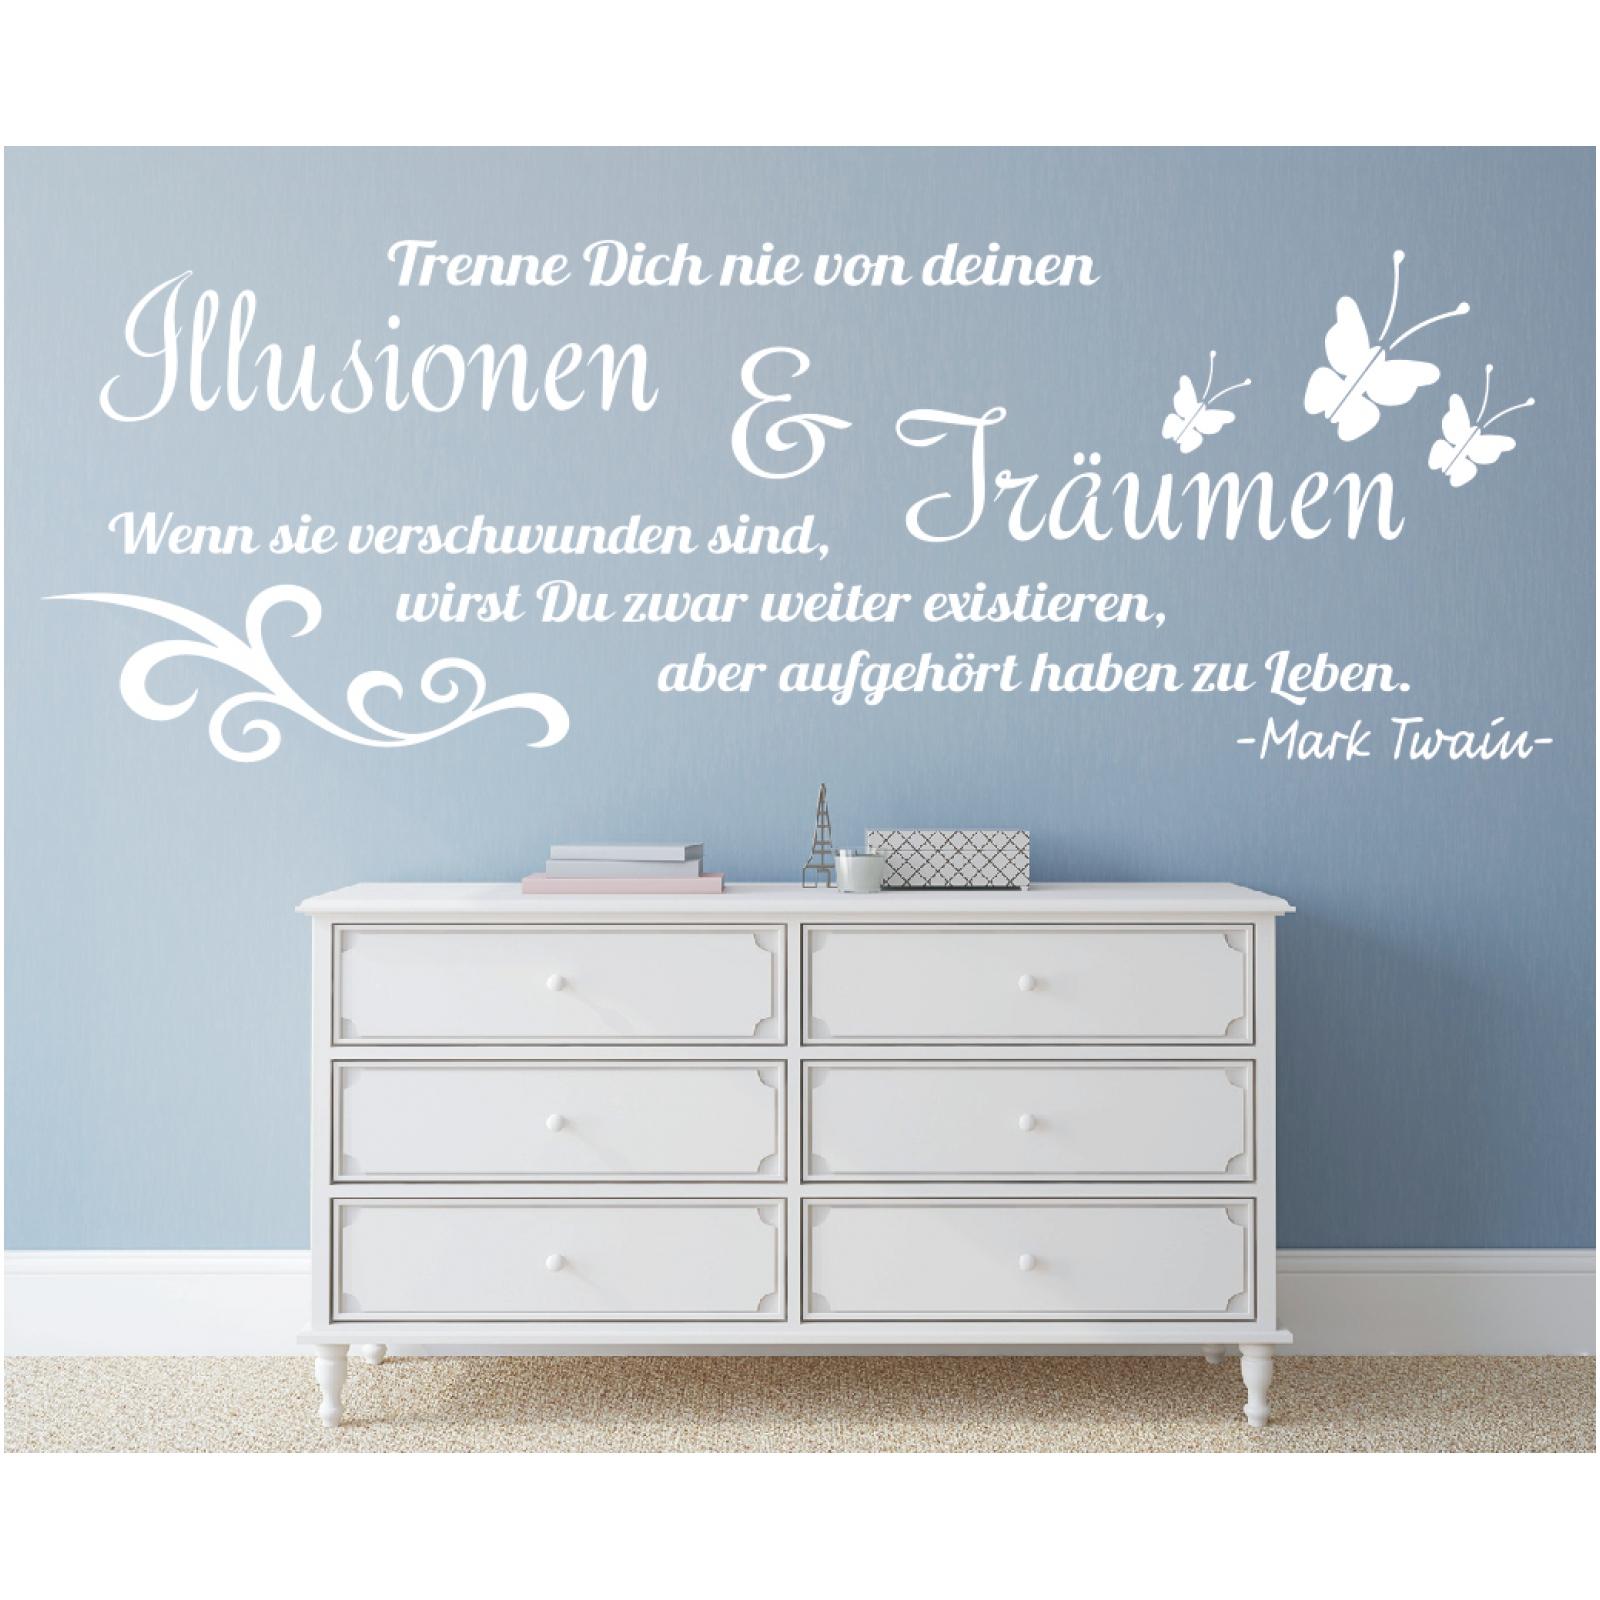 X1945 Wandtattoo Spruch Trenne dich nie Illusionen Träumen Leben Twain Zitat